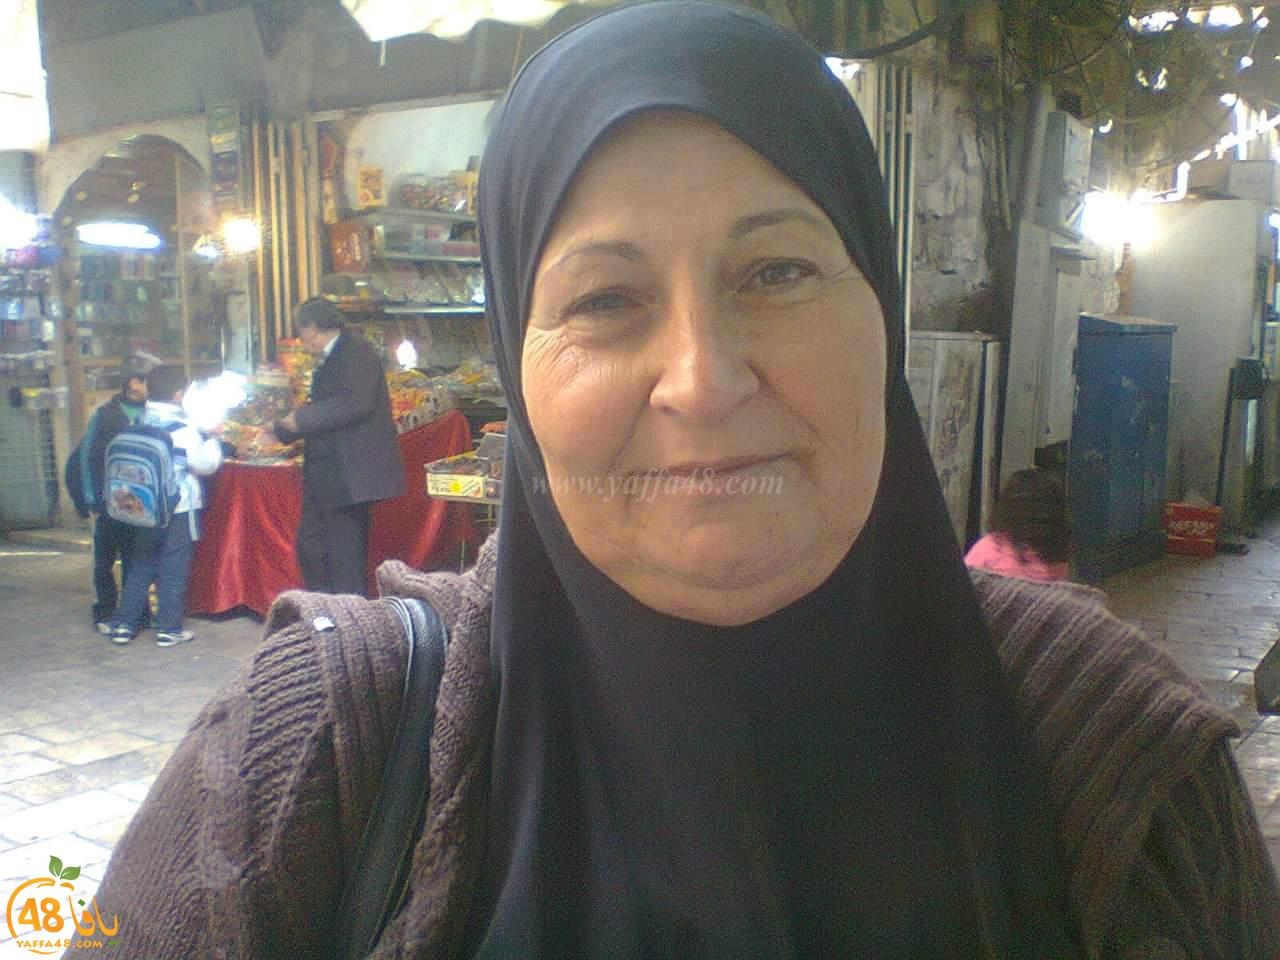 يافا: رثاء في ذكرى مرور عام على وفاة الحاجة صبرية أصرف أبو سيف أم غالب